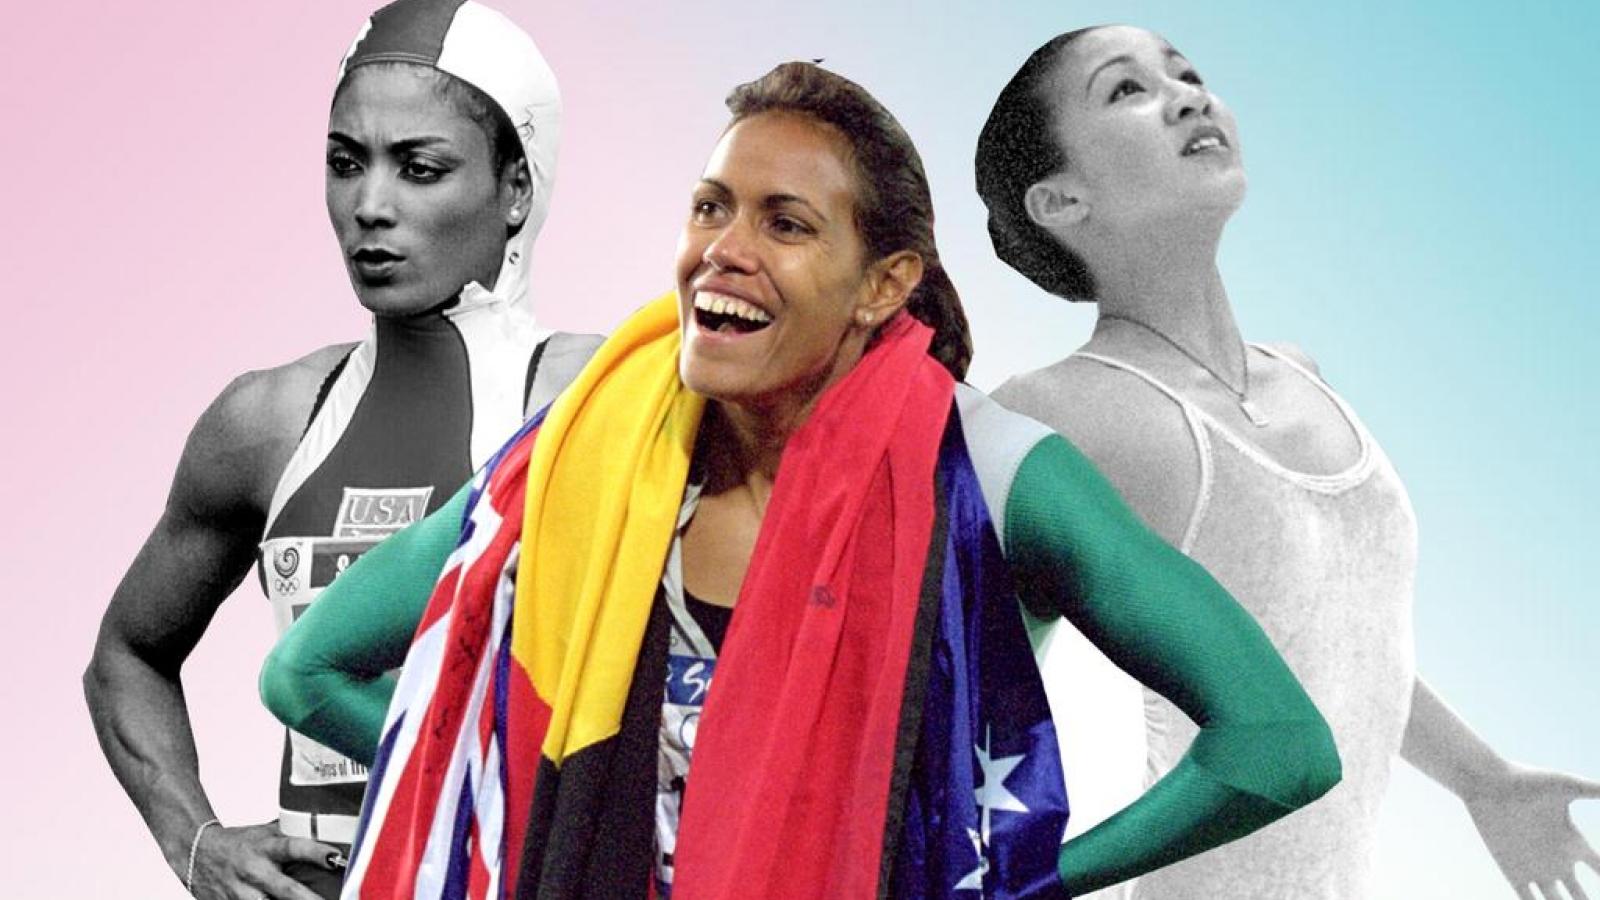 12 khoảnh khắc thời trang mang tính biểu tượng trong lịch sử các kỳ Olympic